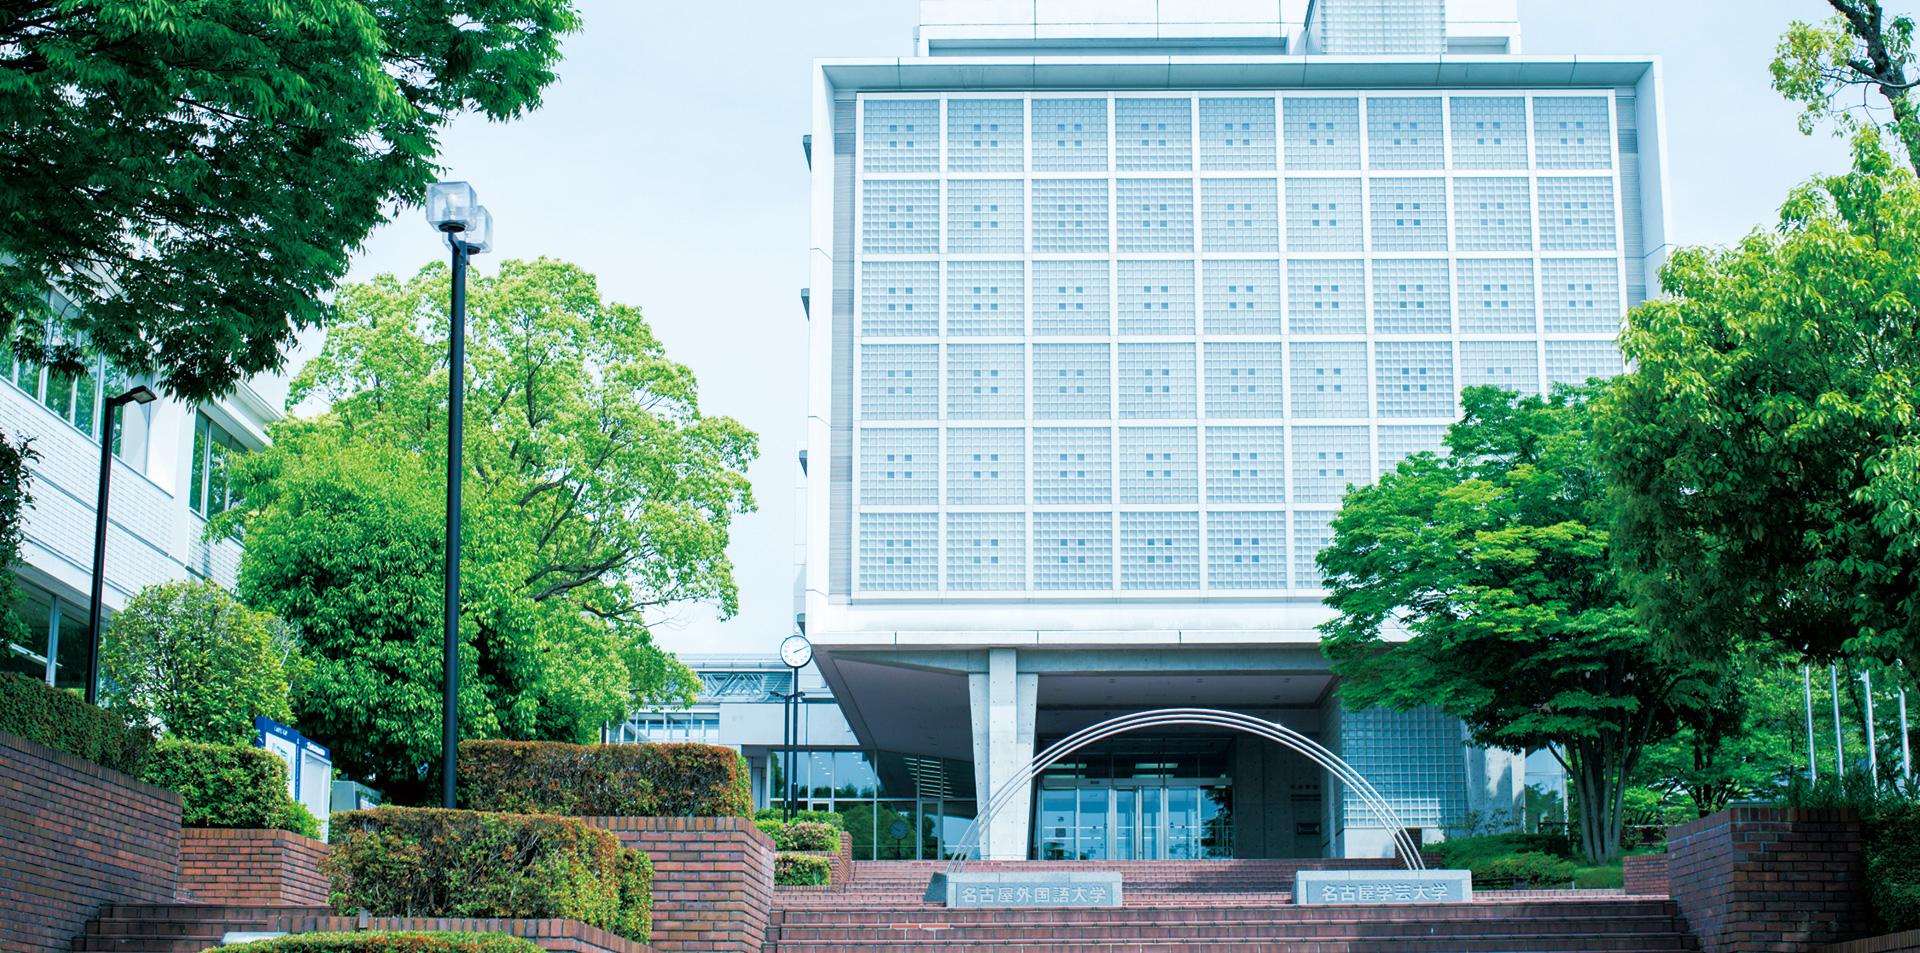 |名古屋外国語大学 現代国際学部 現代英語学科